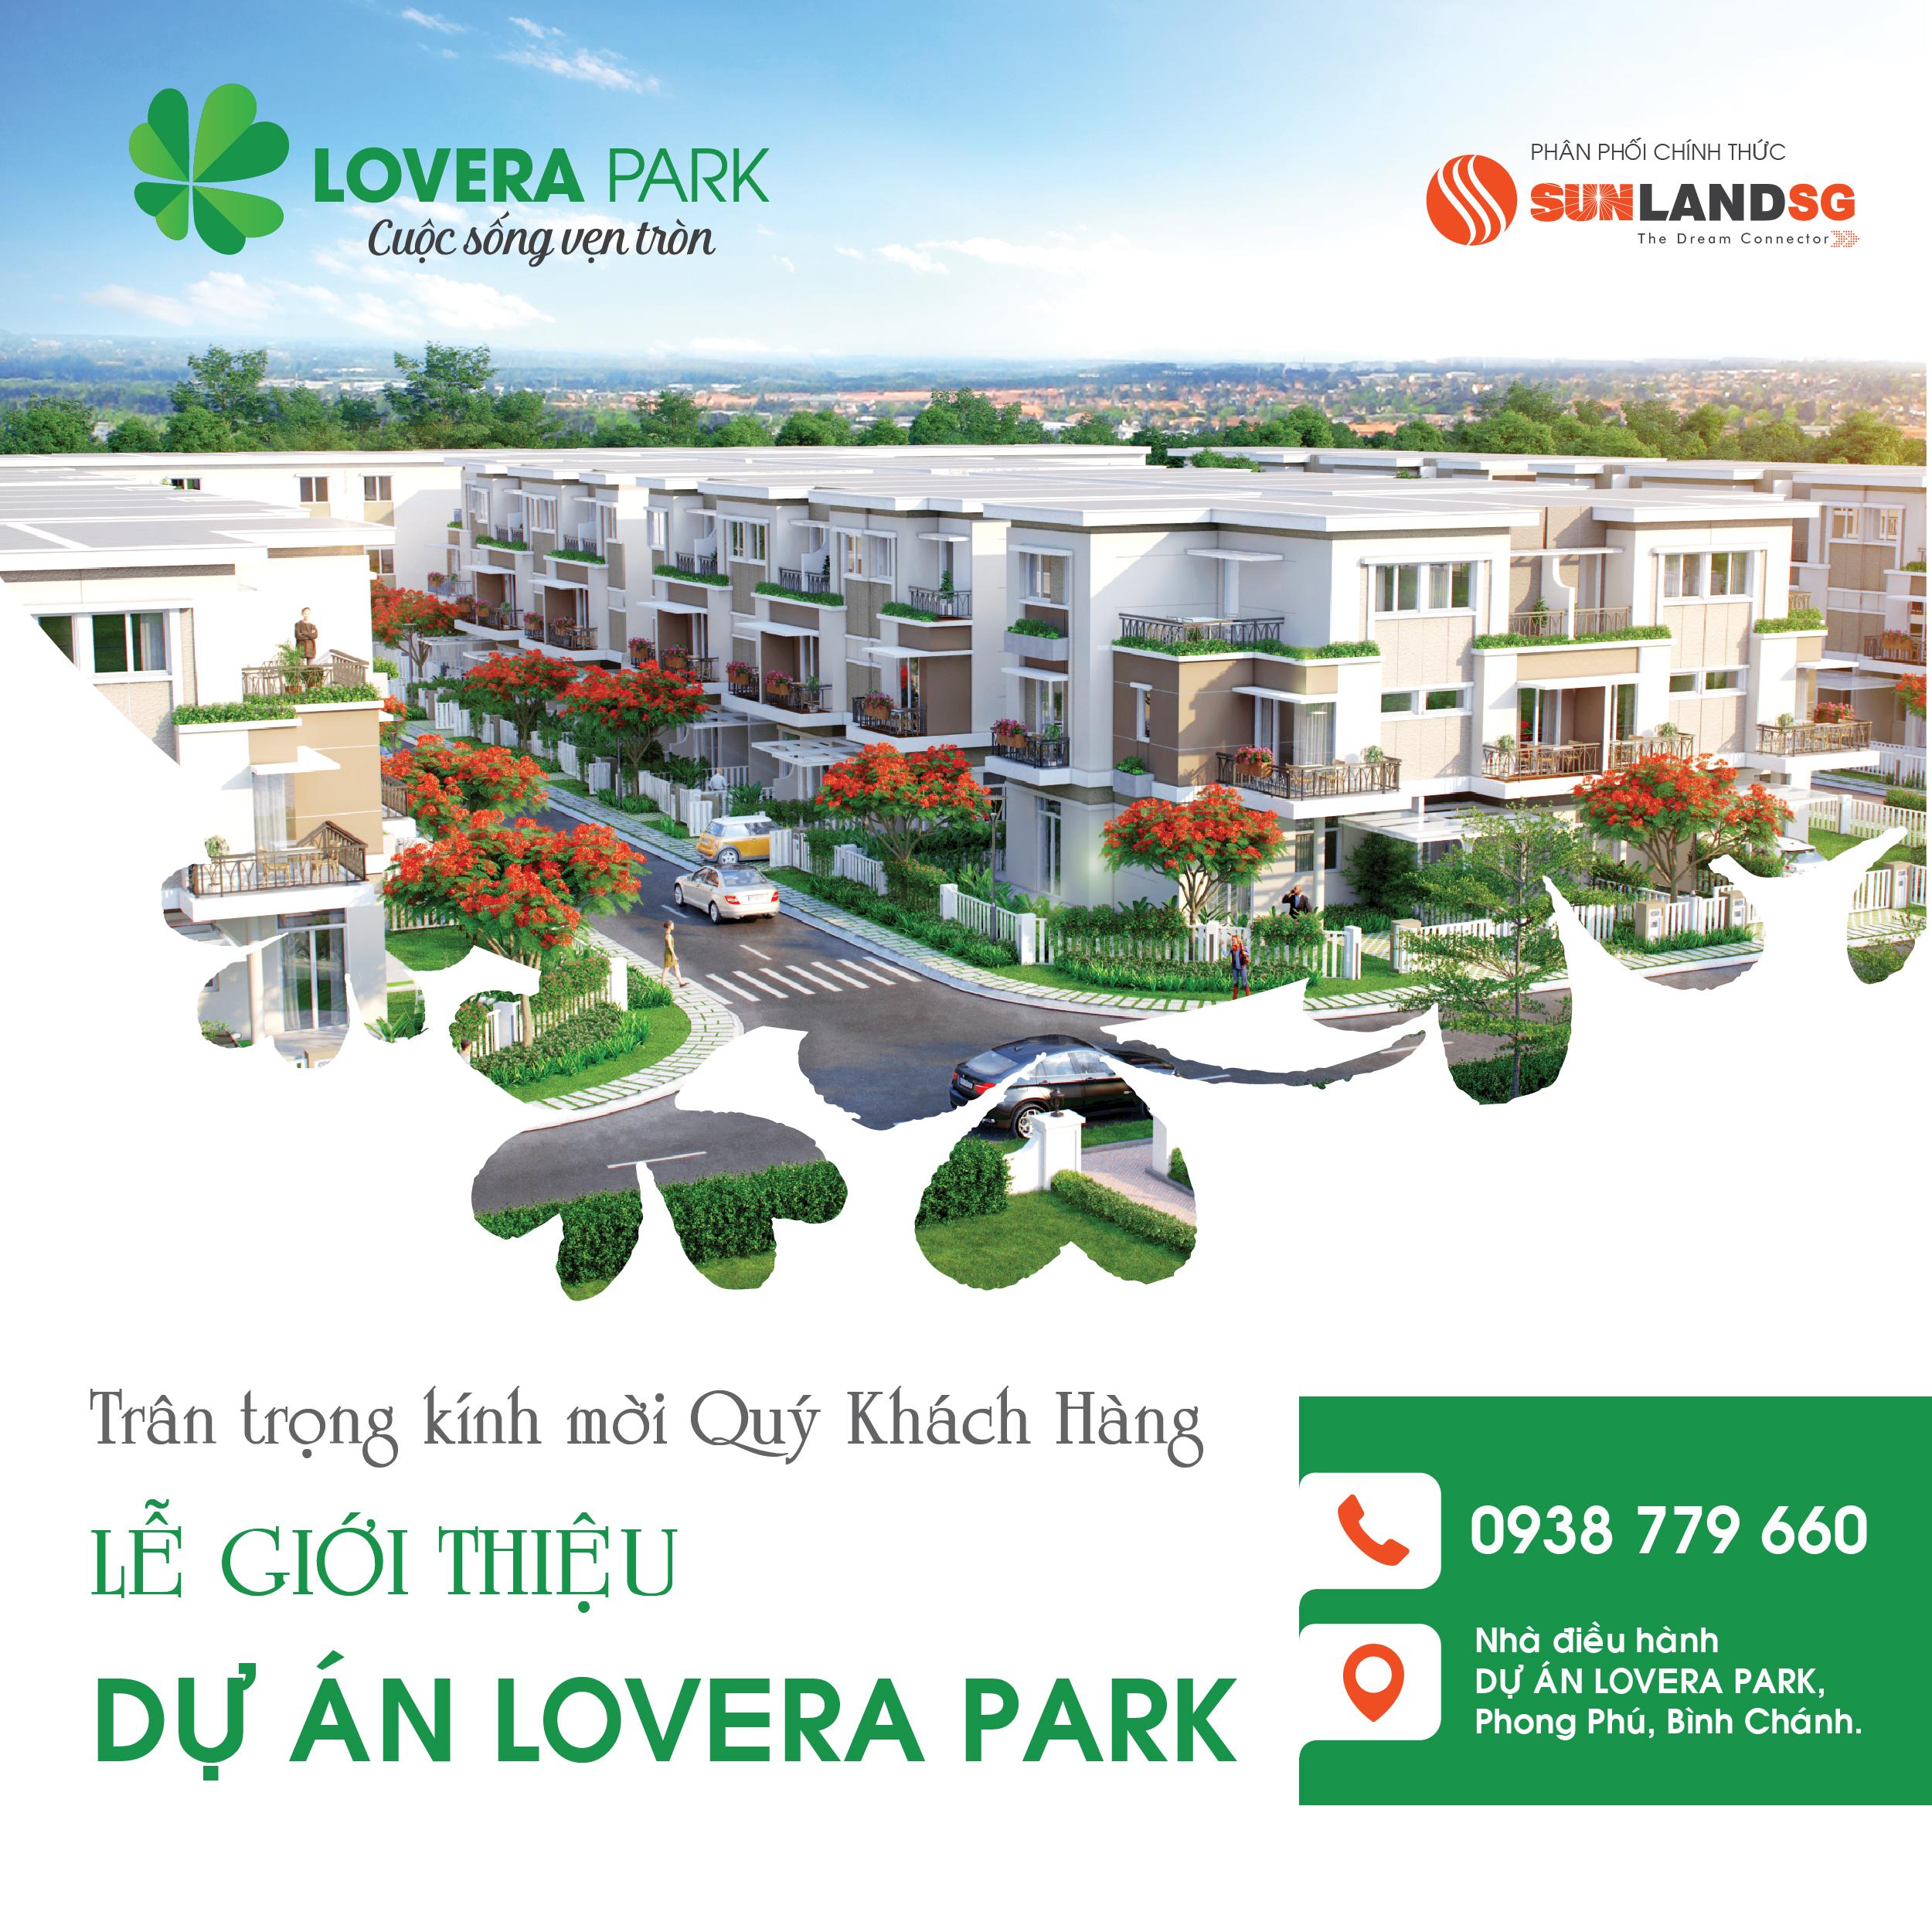 Mở bán dự án lovera park bình chánh phong phú